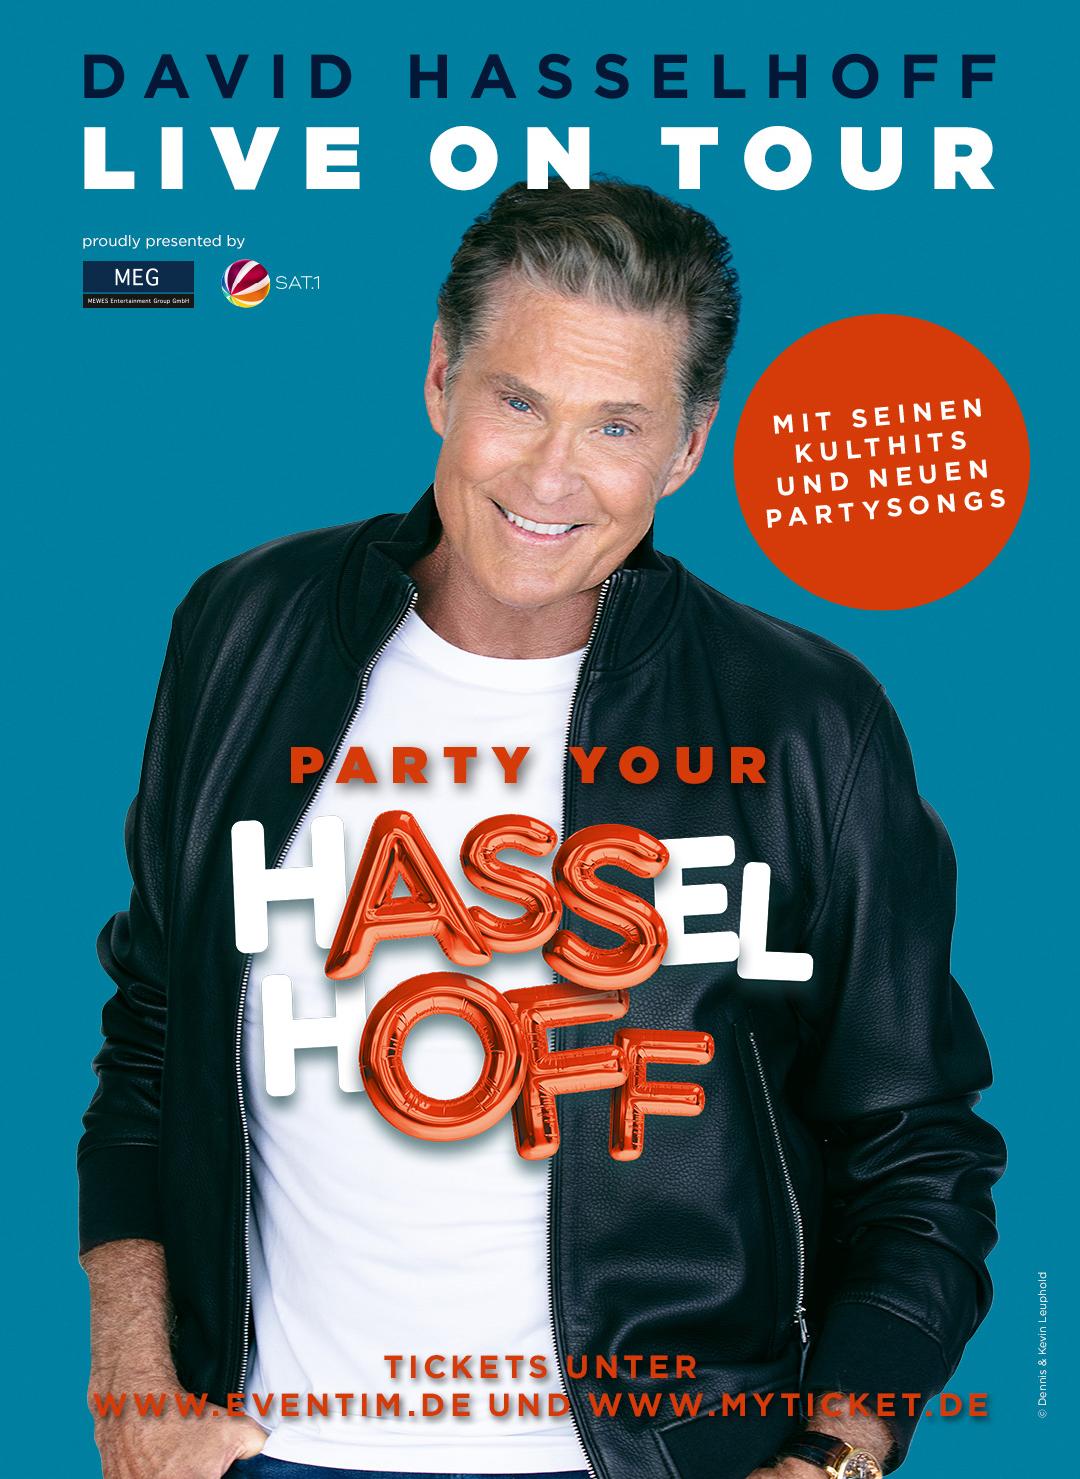 DavidHassehoff_PartyYourHasselhoff_Tour_Webflyer